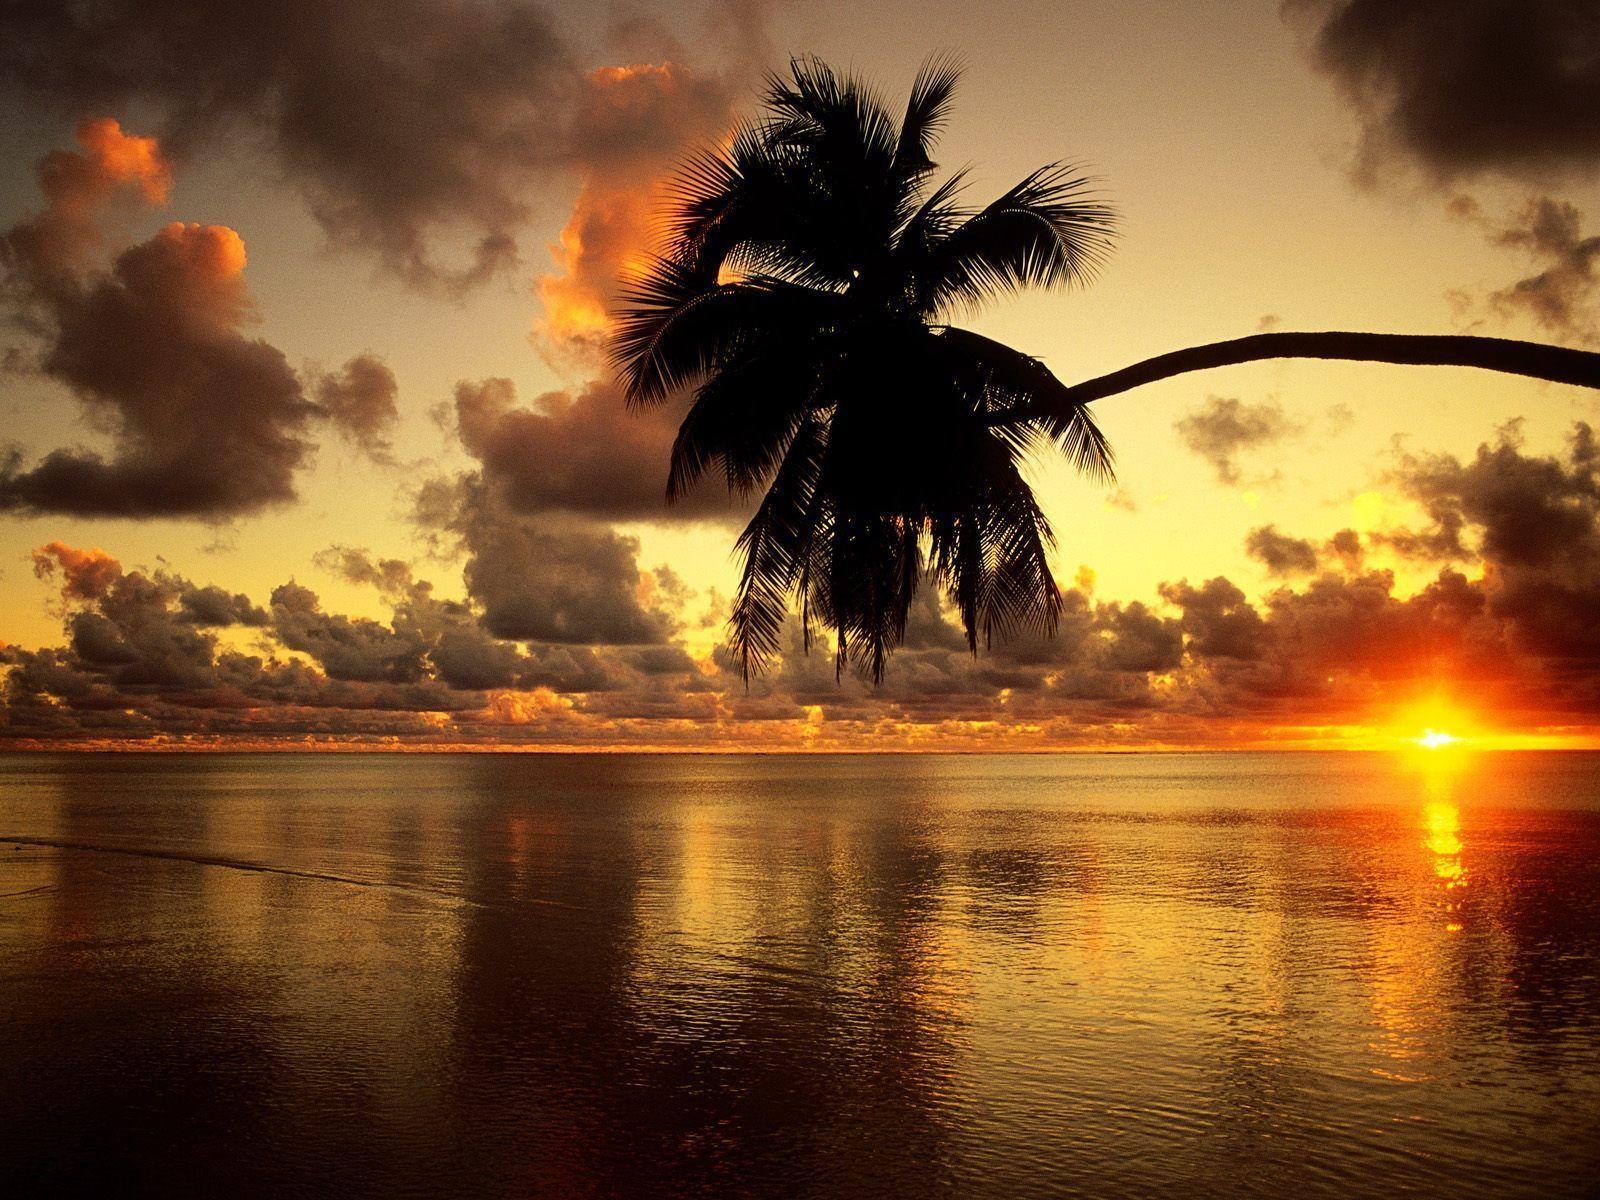 Most Beautiful Beaches Sunset